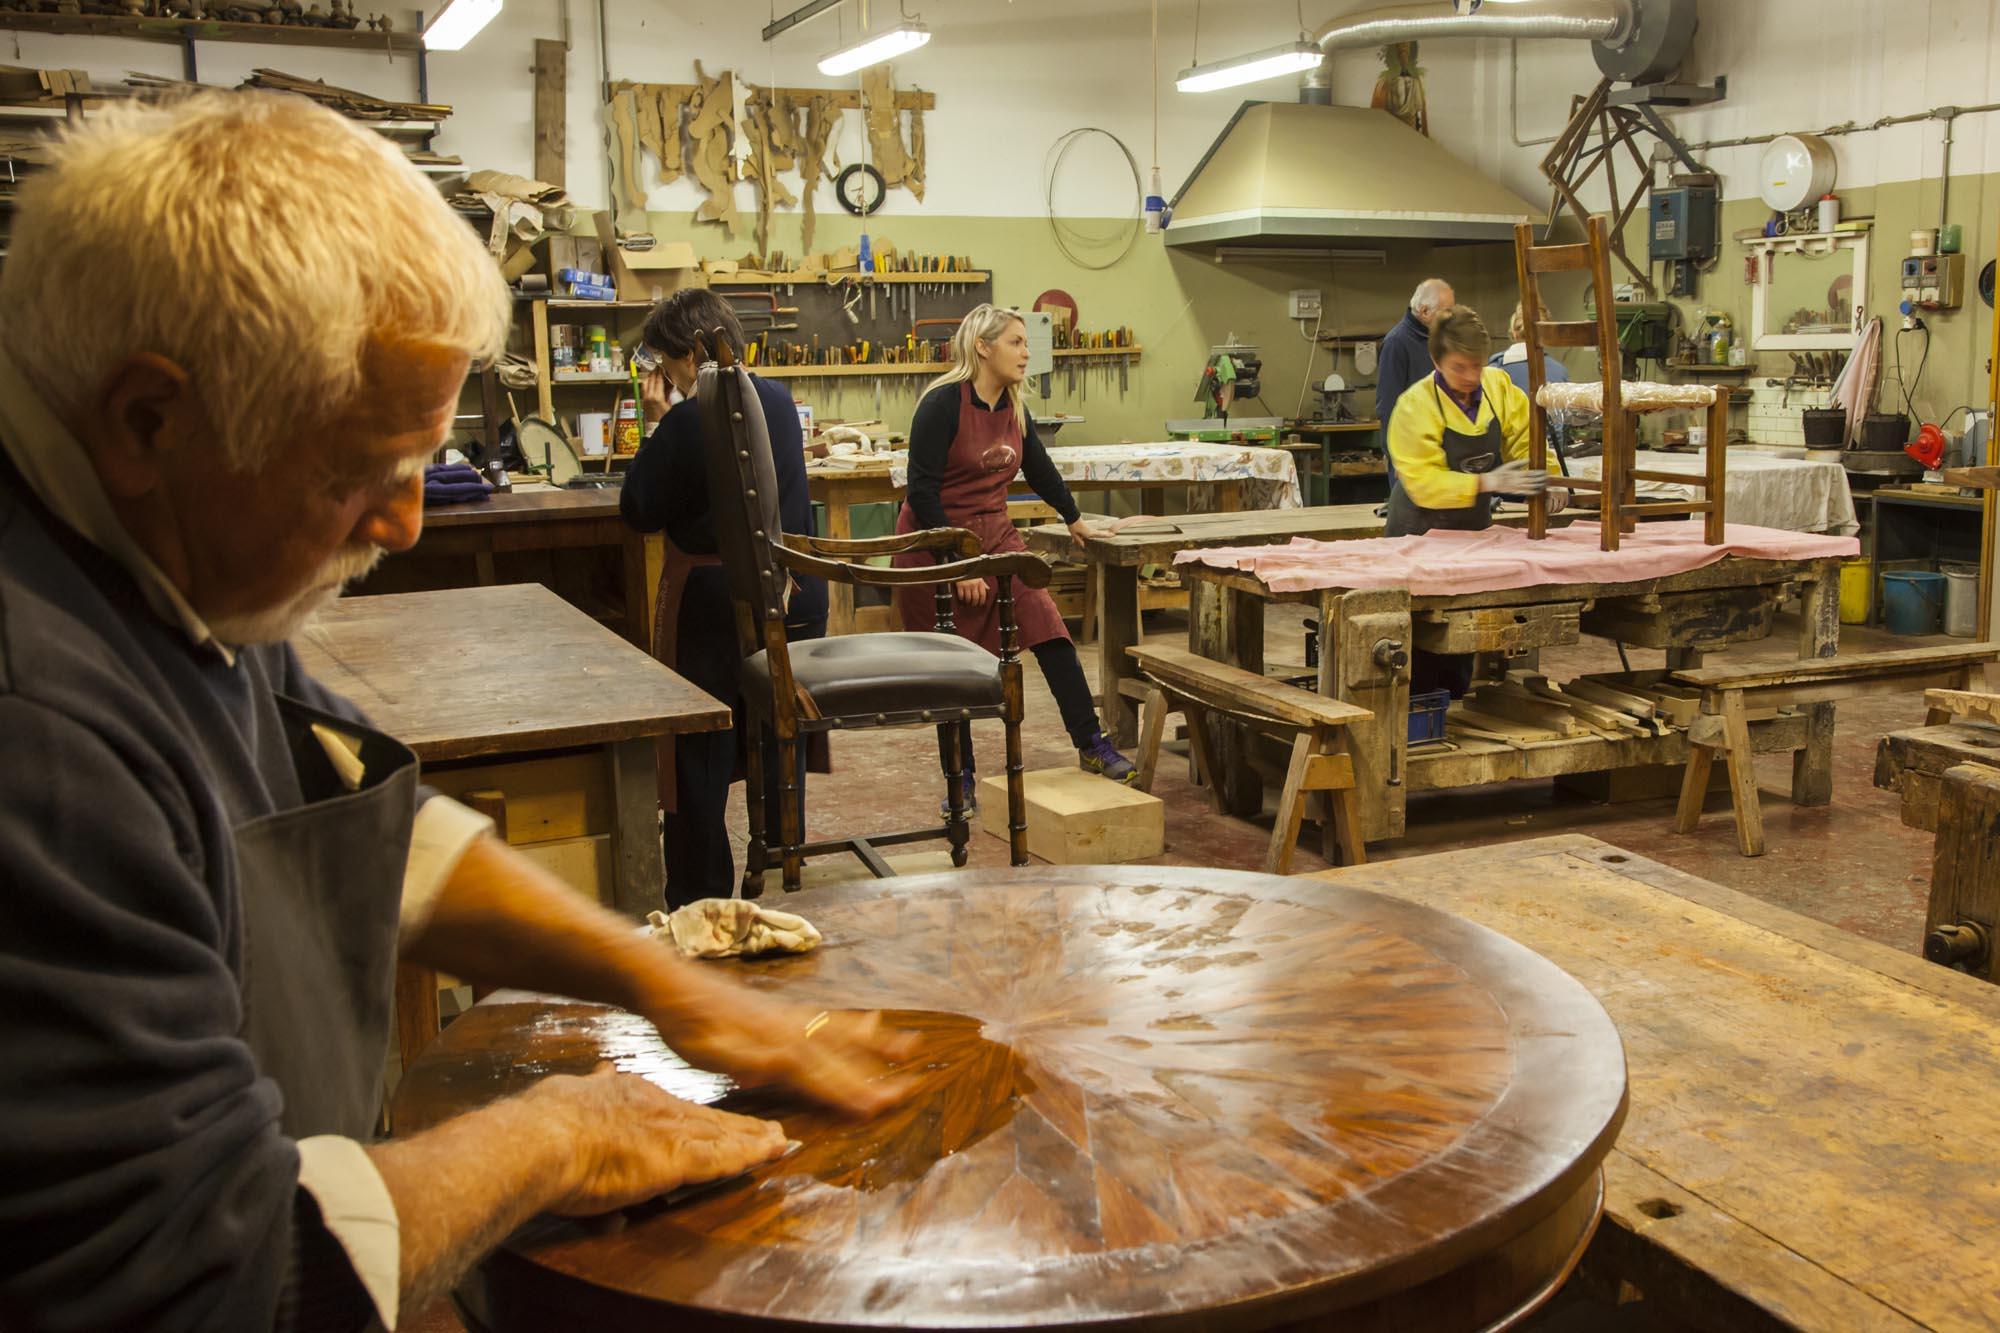 0187 Lavori di artigianato - Artigianato, maestrie d'altri tempi